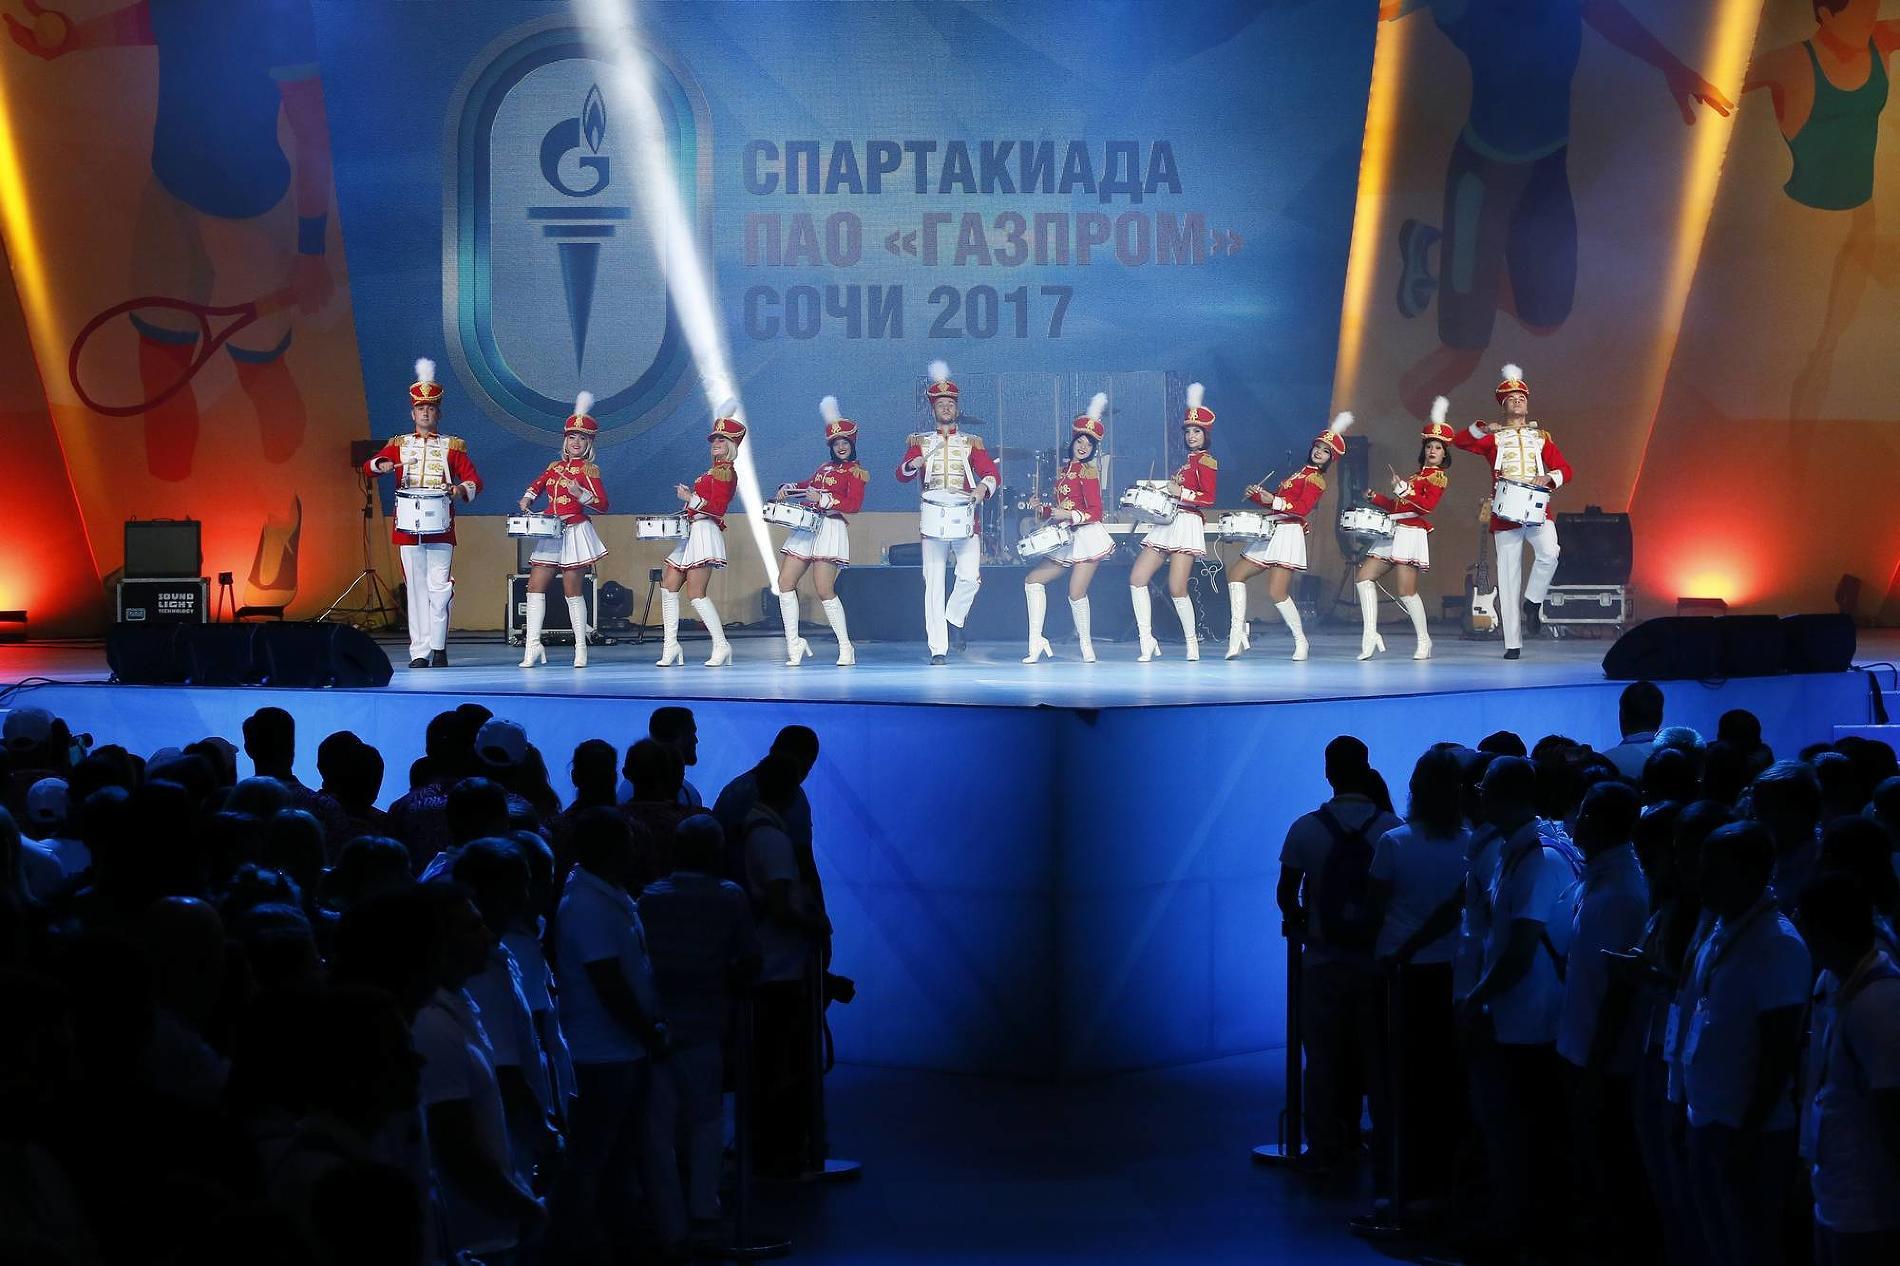 Закрытие Спартакиады ©Фото Николая Ильина